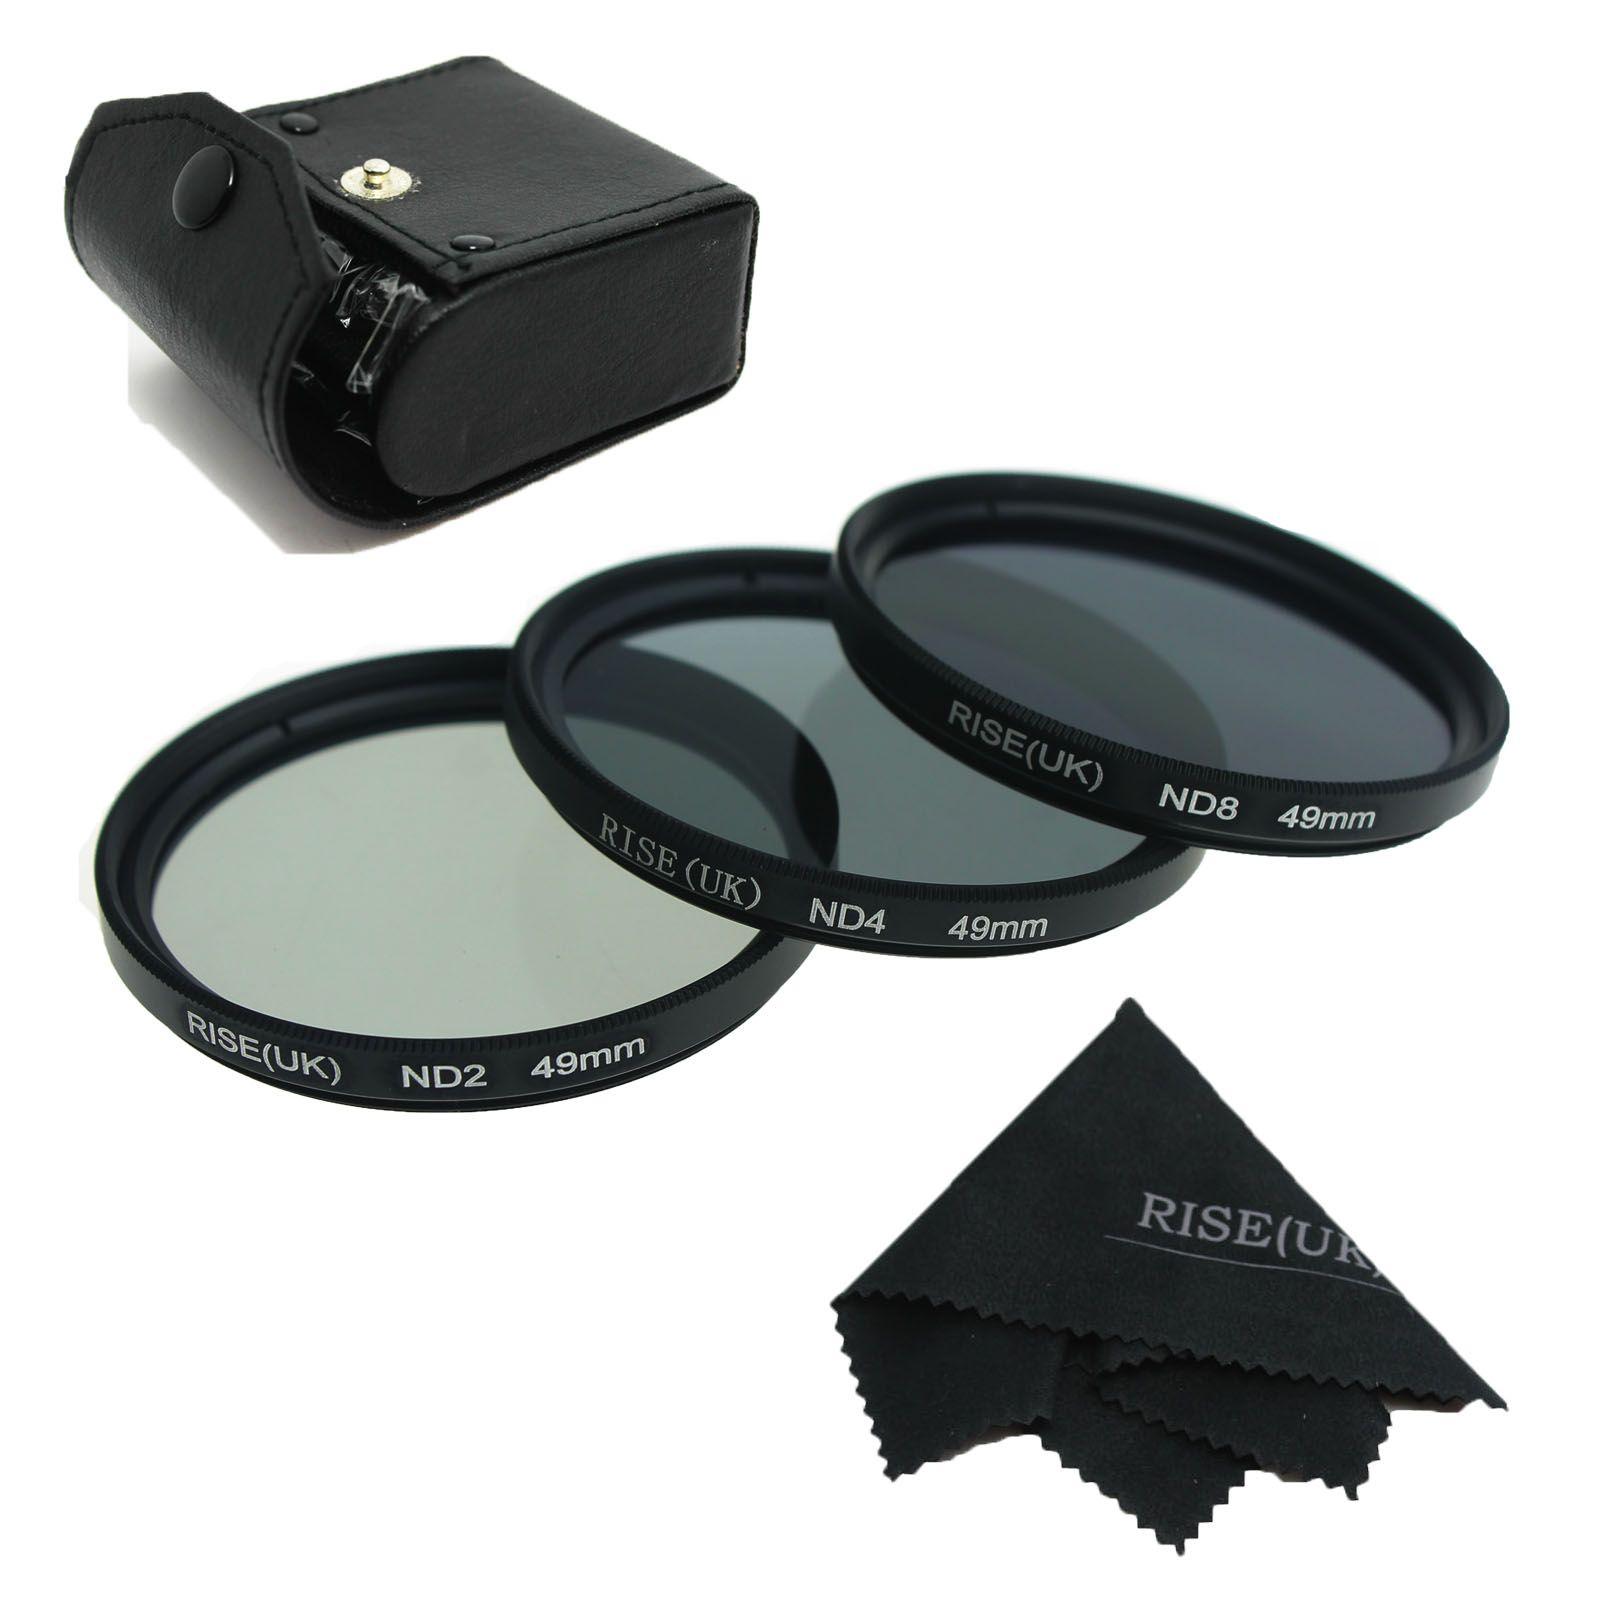 RISE (UK) 49mm 52mm 55mm 58mm 62mm 67mm 72mm 77 MM Kit d'objectif filtre densité neutre ND2 ND4 ND8 ND 2 4 8